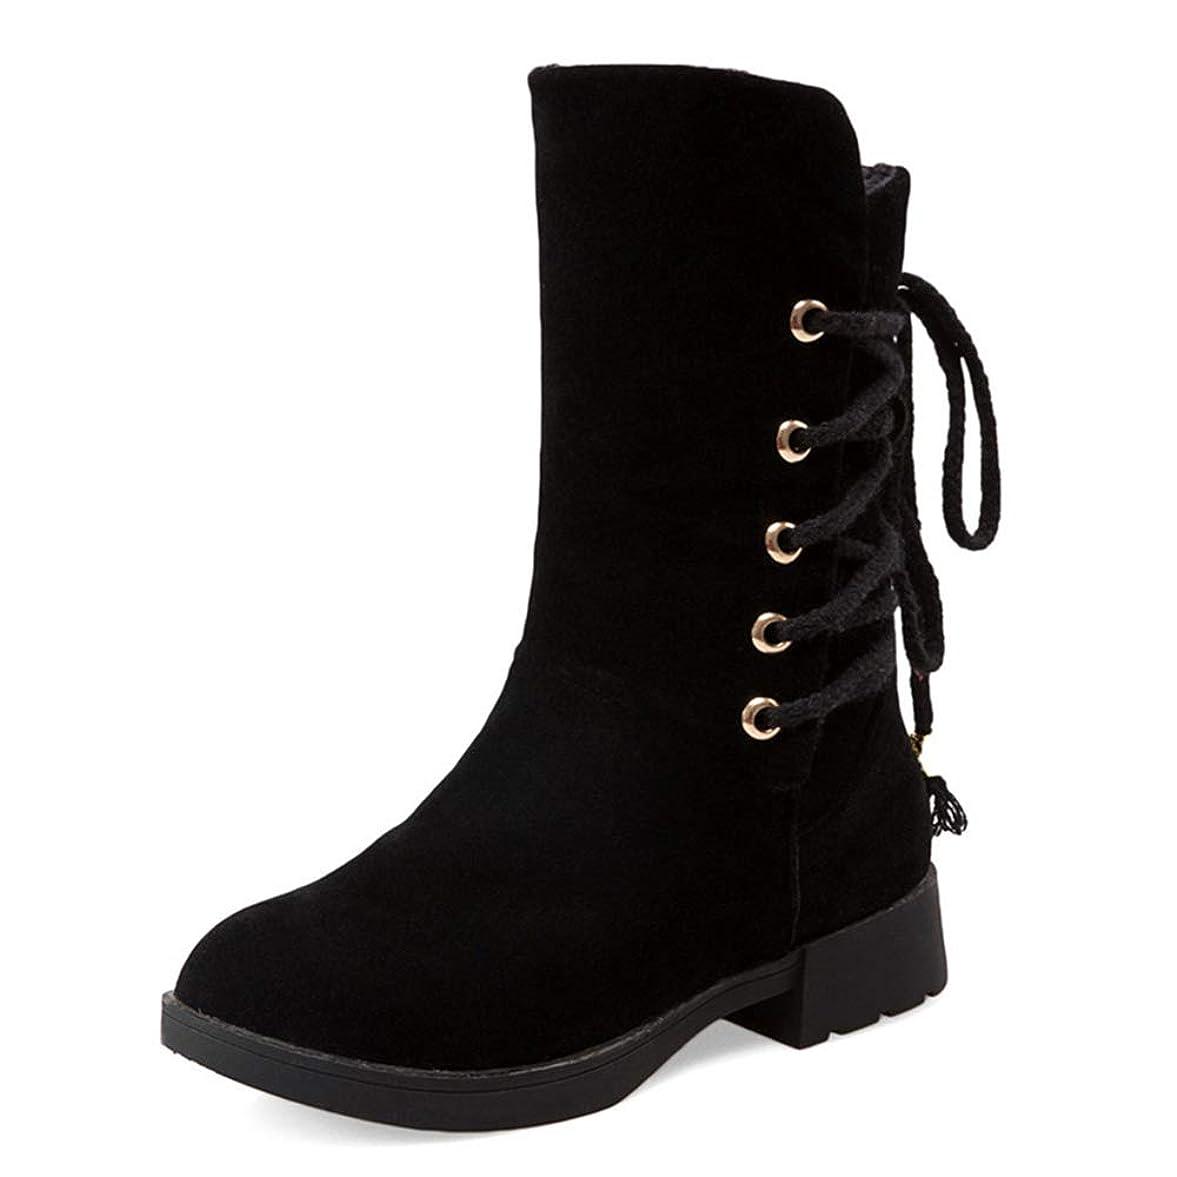 レモン石炭ライナー[モリケイ] ミドルブーツ バックレースアップ リボン レディース ローヒール チャンキーヒール スエード 4色 ブラック ブラウン ベージュ グレー シンプル 靴 ブーツ 滑り止め カジュアル 可愛い 裏ボア